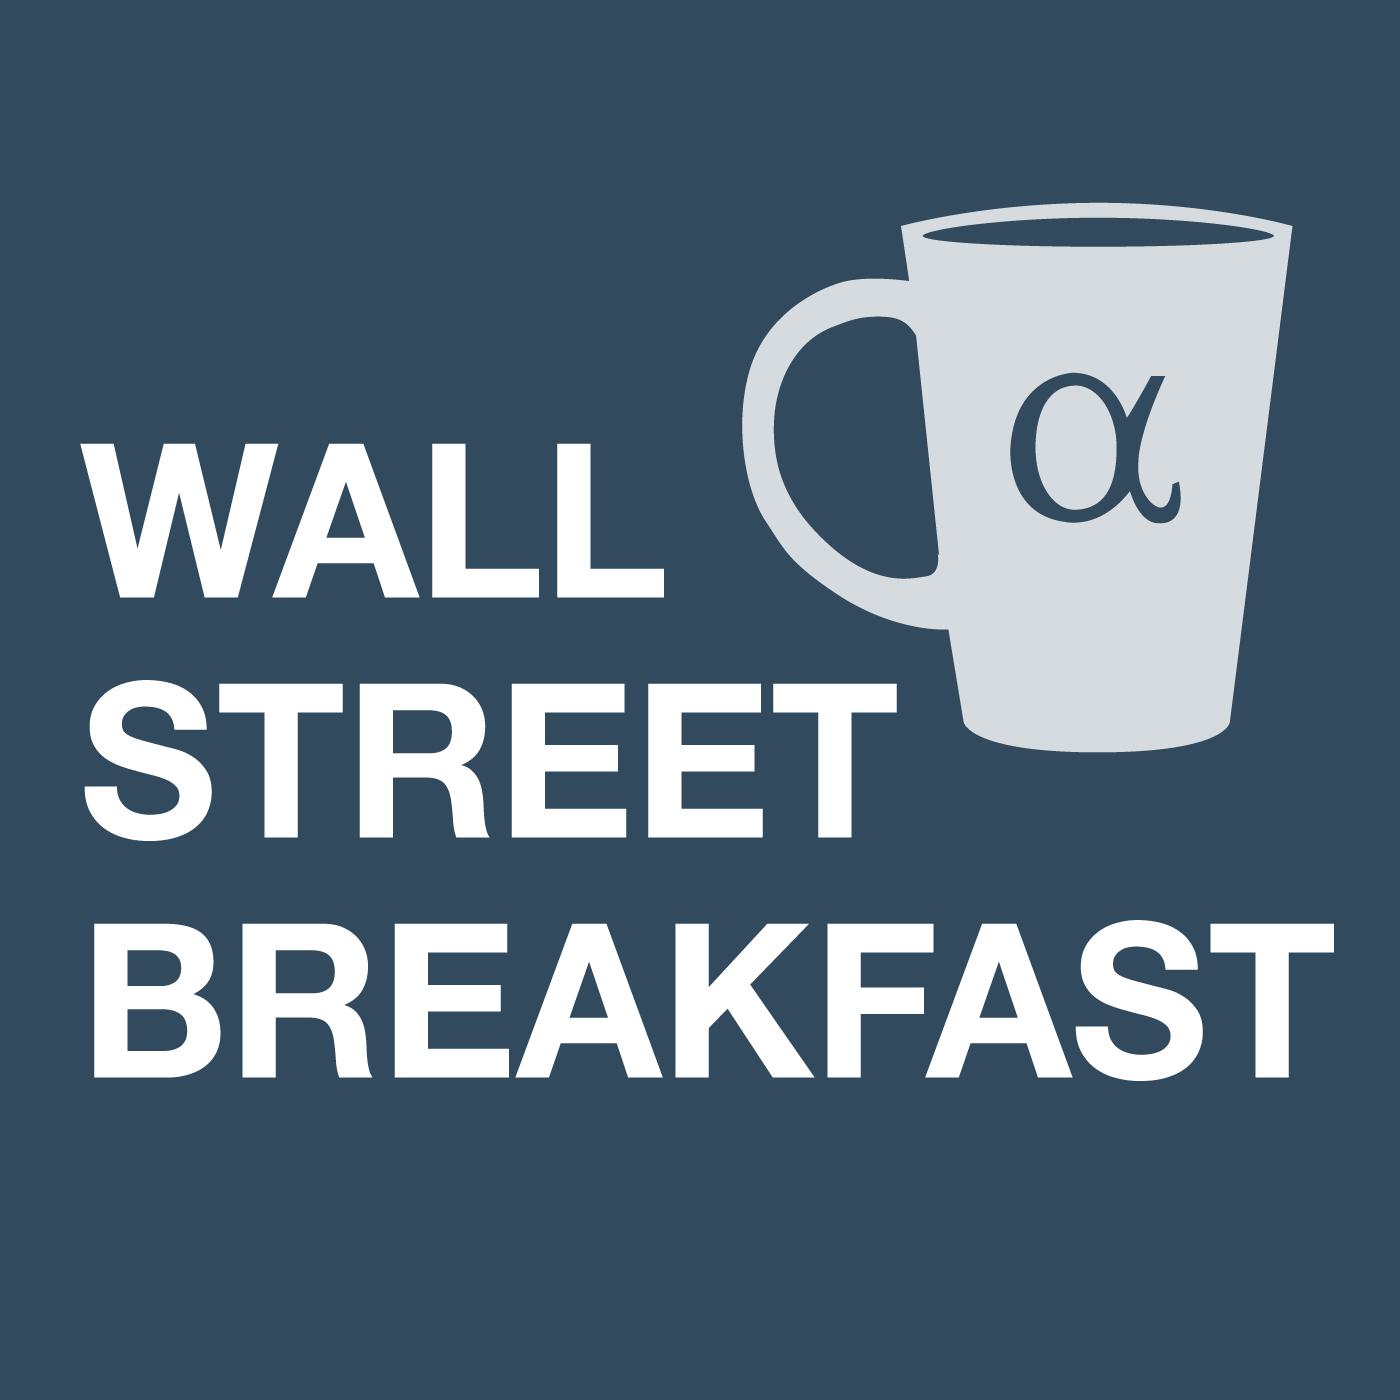 Wall Street Breakfast August 6: New Front In The Tech War